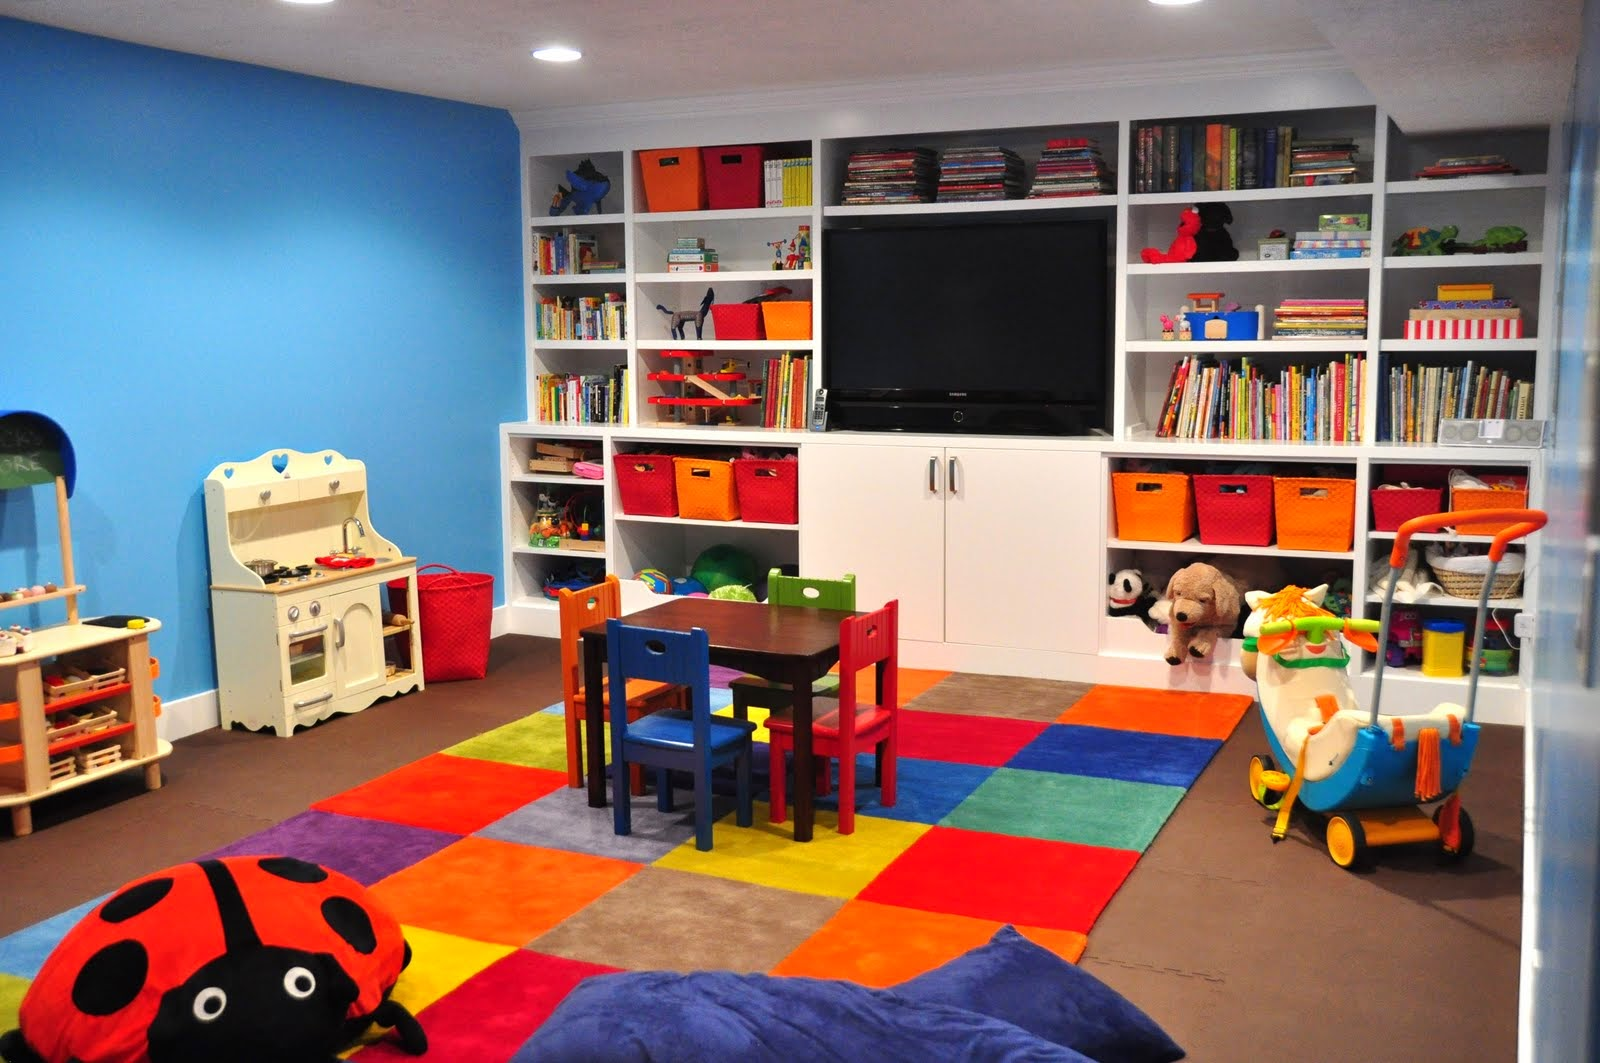 Gambar+Kamar+Bermain+Anak+Desain+Ruangan+Kid+Play+Room